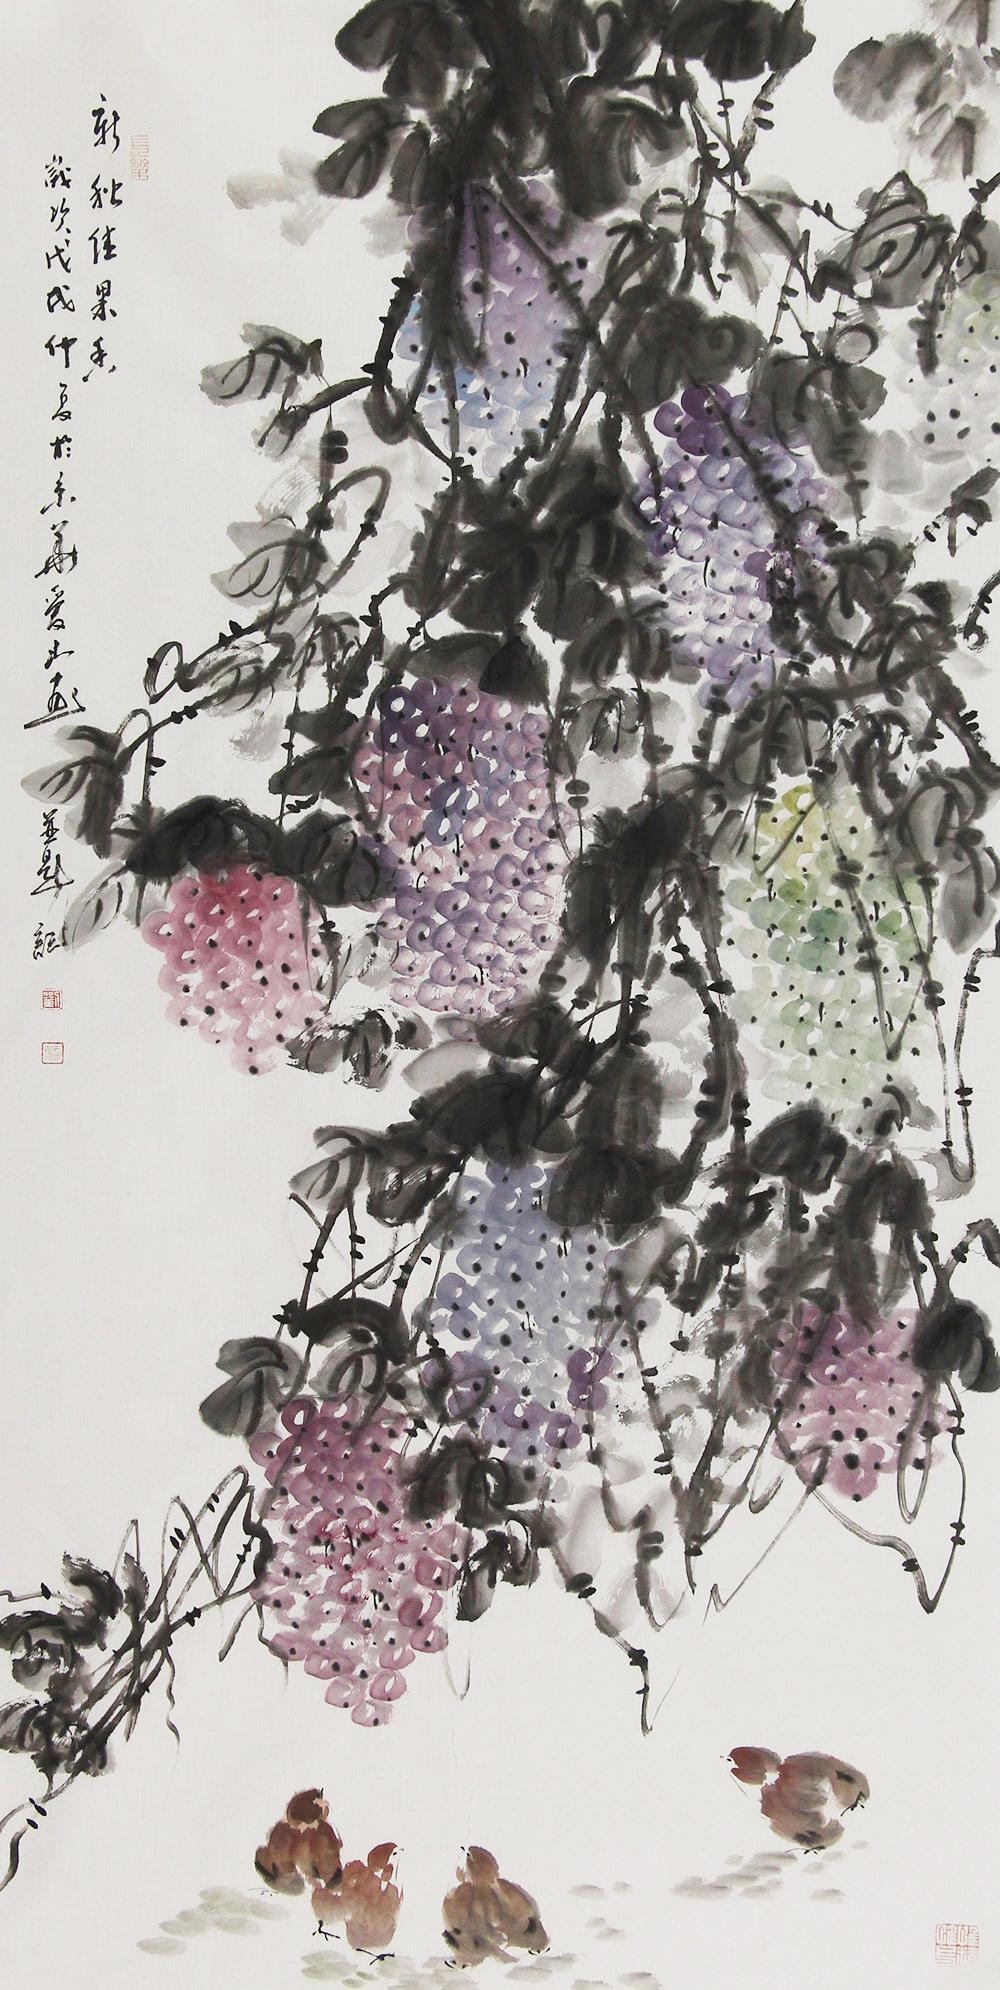 中国地图辽宁水彩手绘